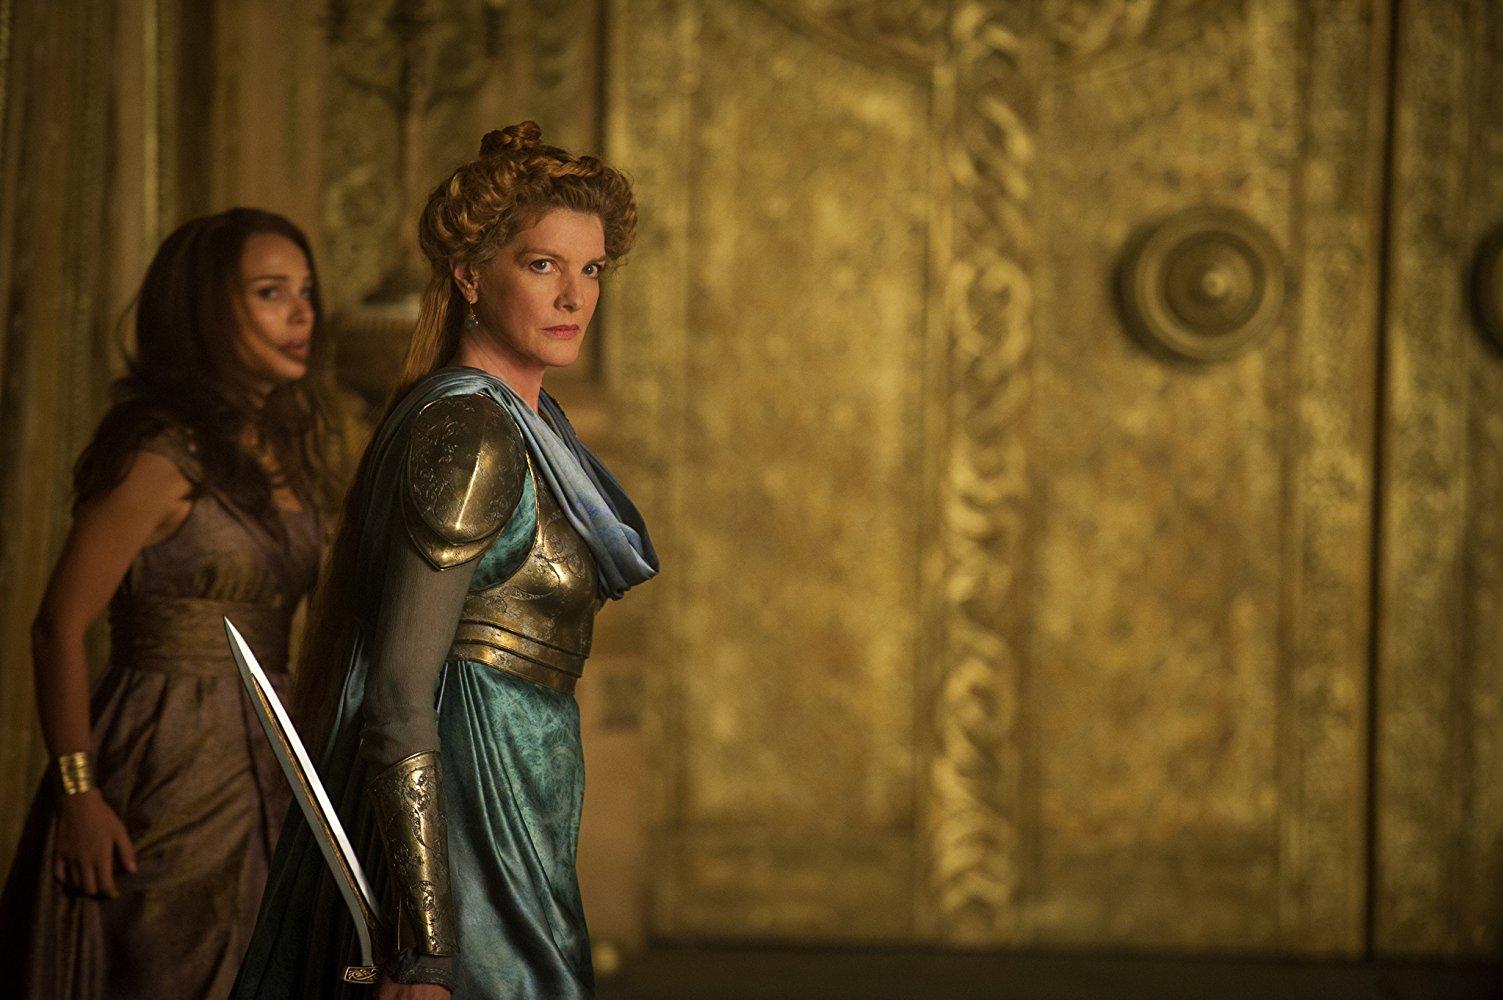 Thor - Le Monde des Ténèbres - 2013